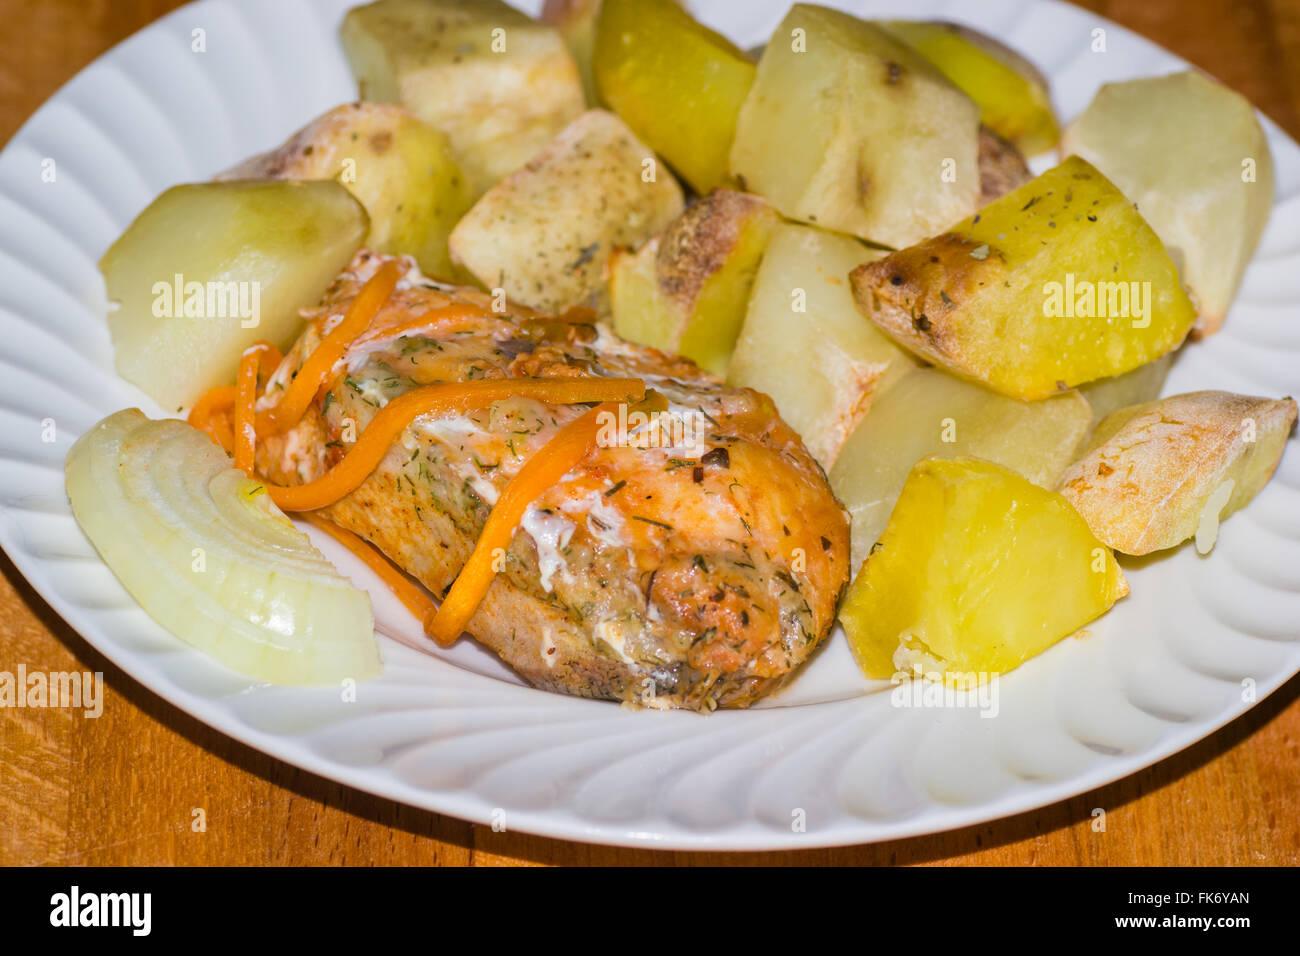 Patatine fritte, preparato, profondo, pesce il cibo, mangiare, malsano, patata, inglese, francese, britannica, patatine Immagini Stock